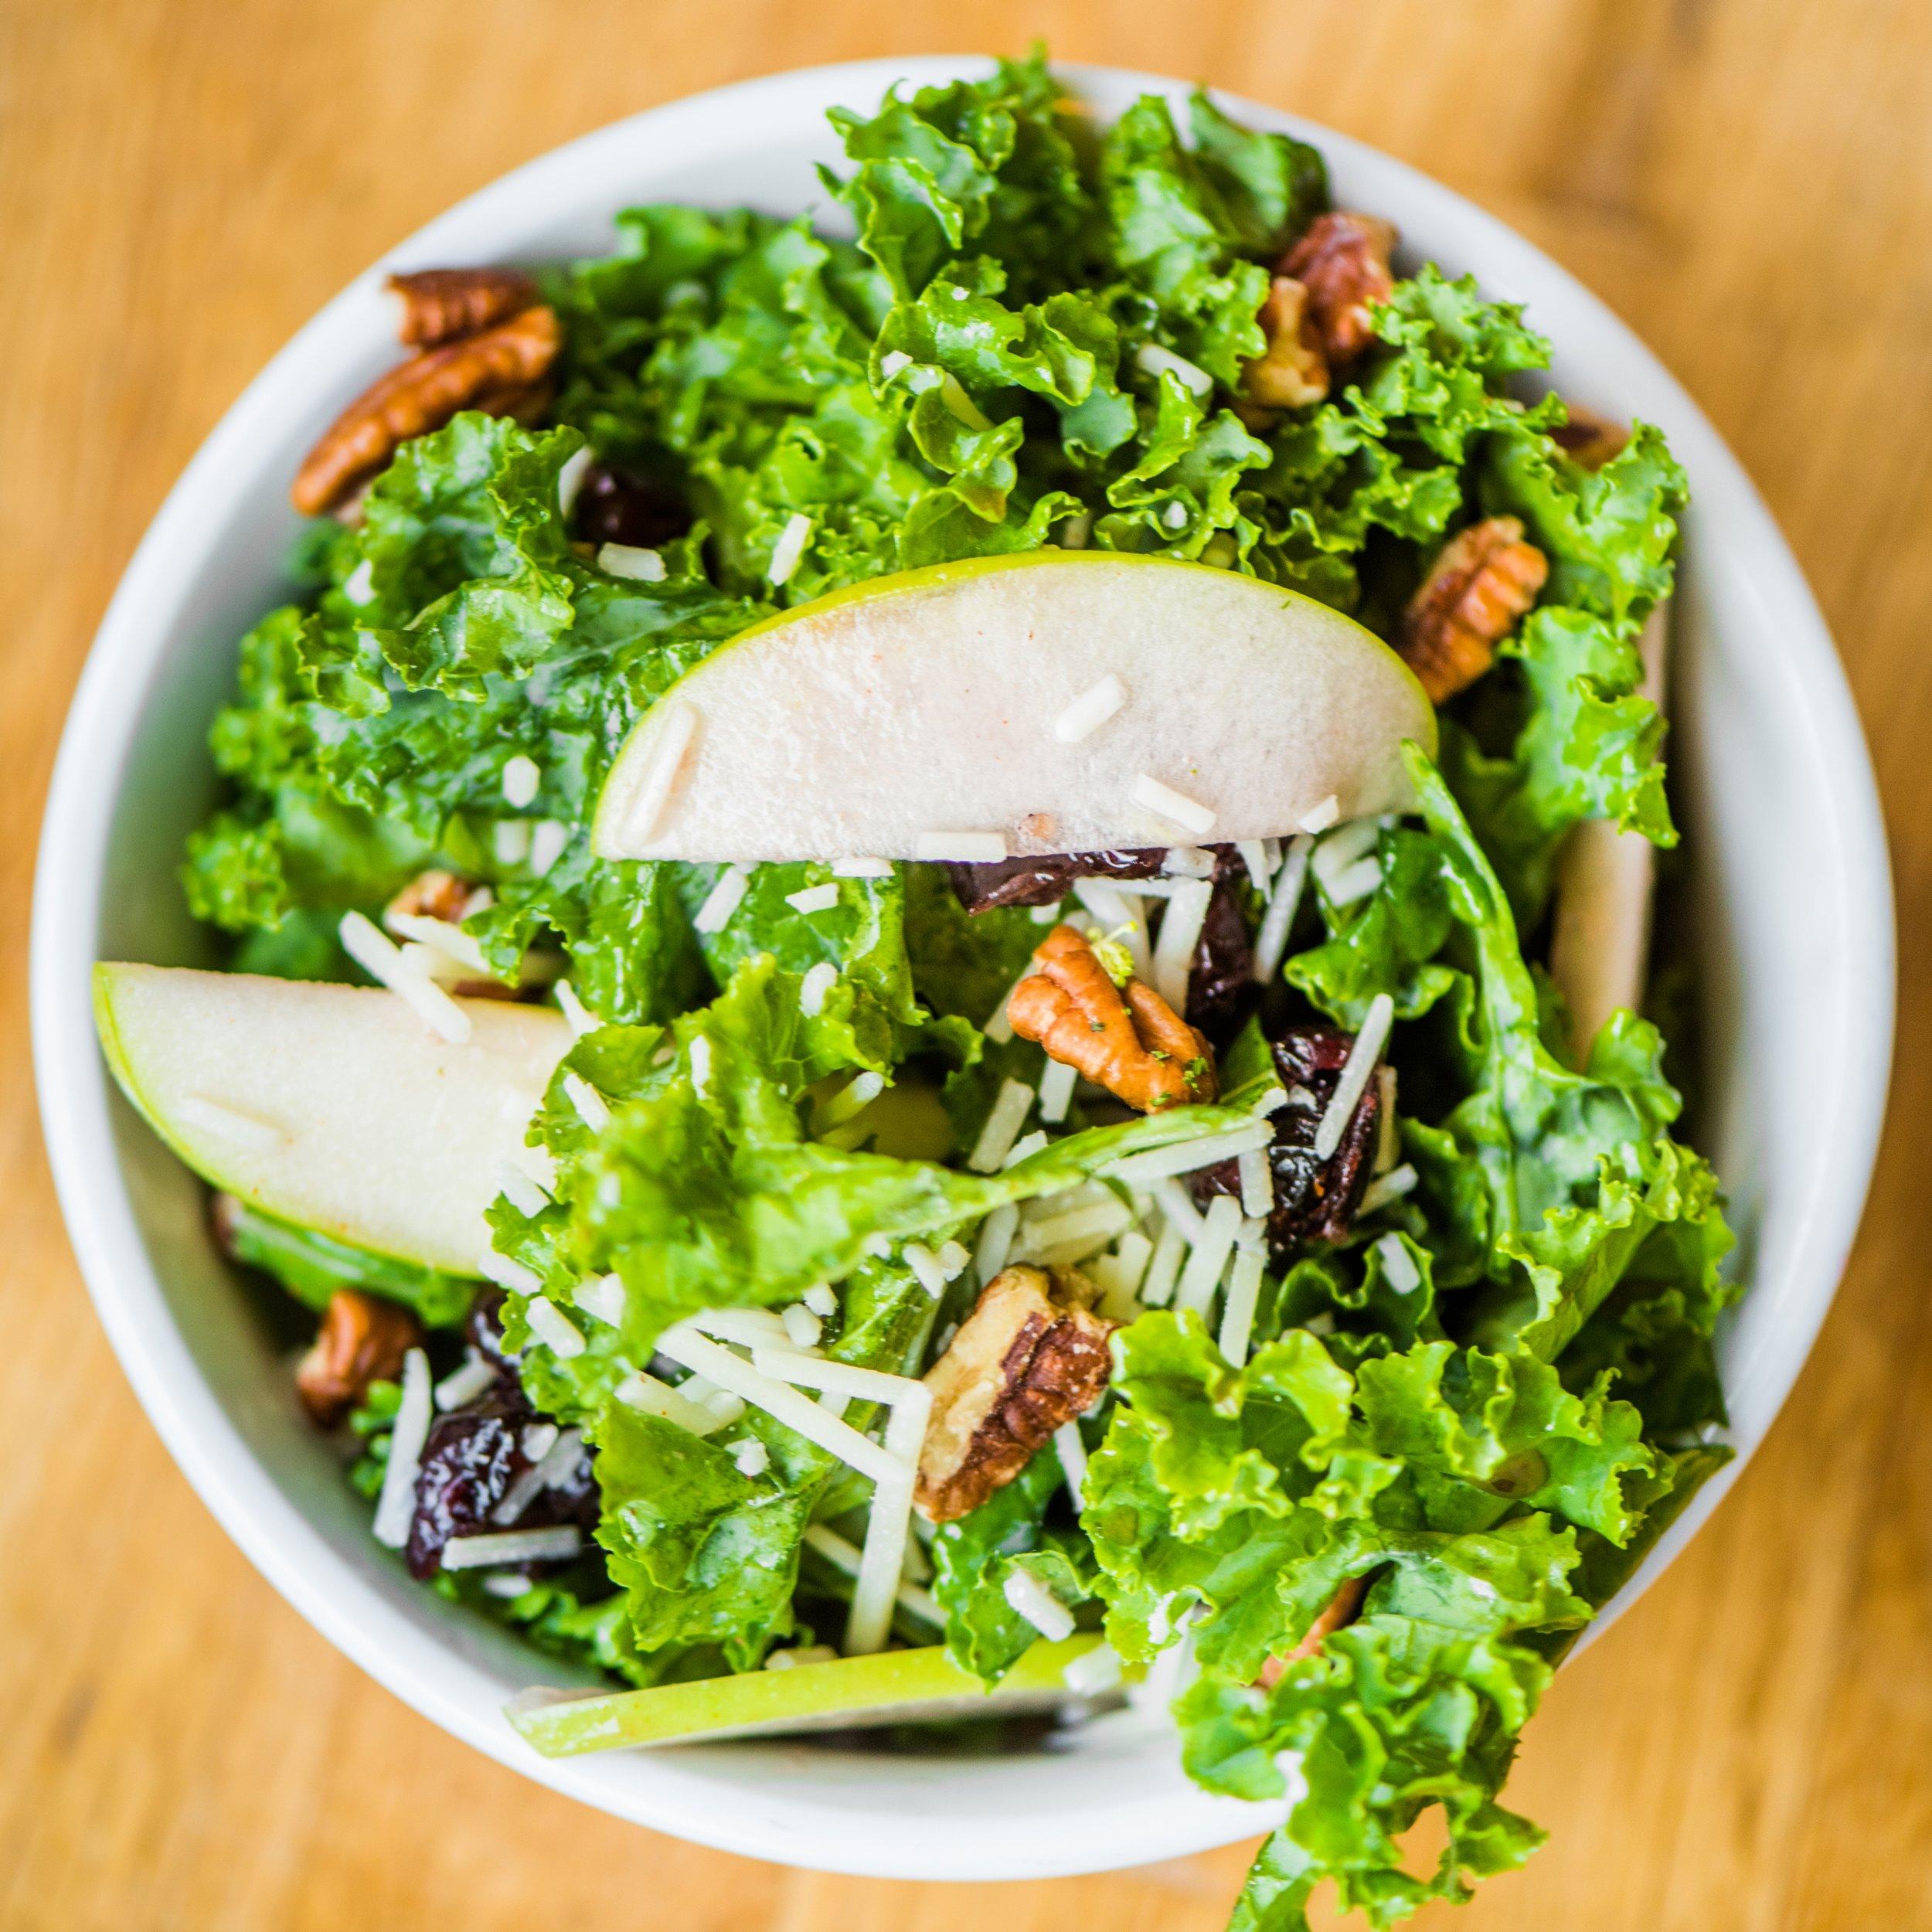 Kale salad (Photo credit Takoda)